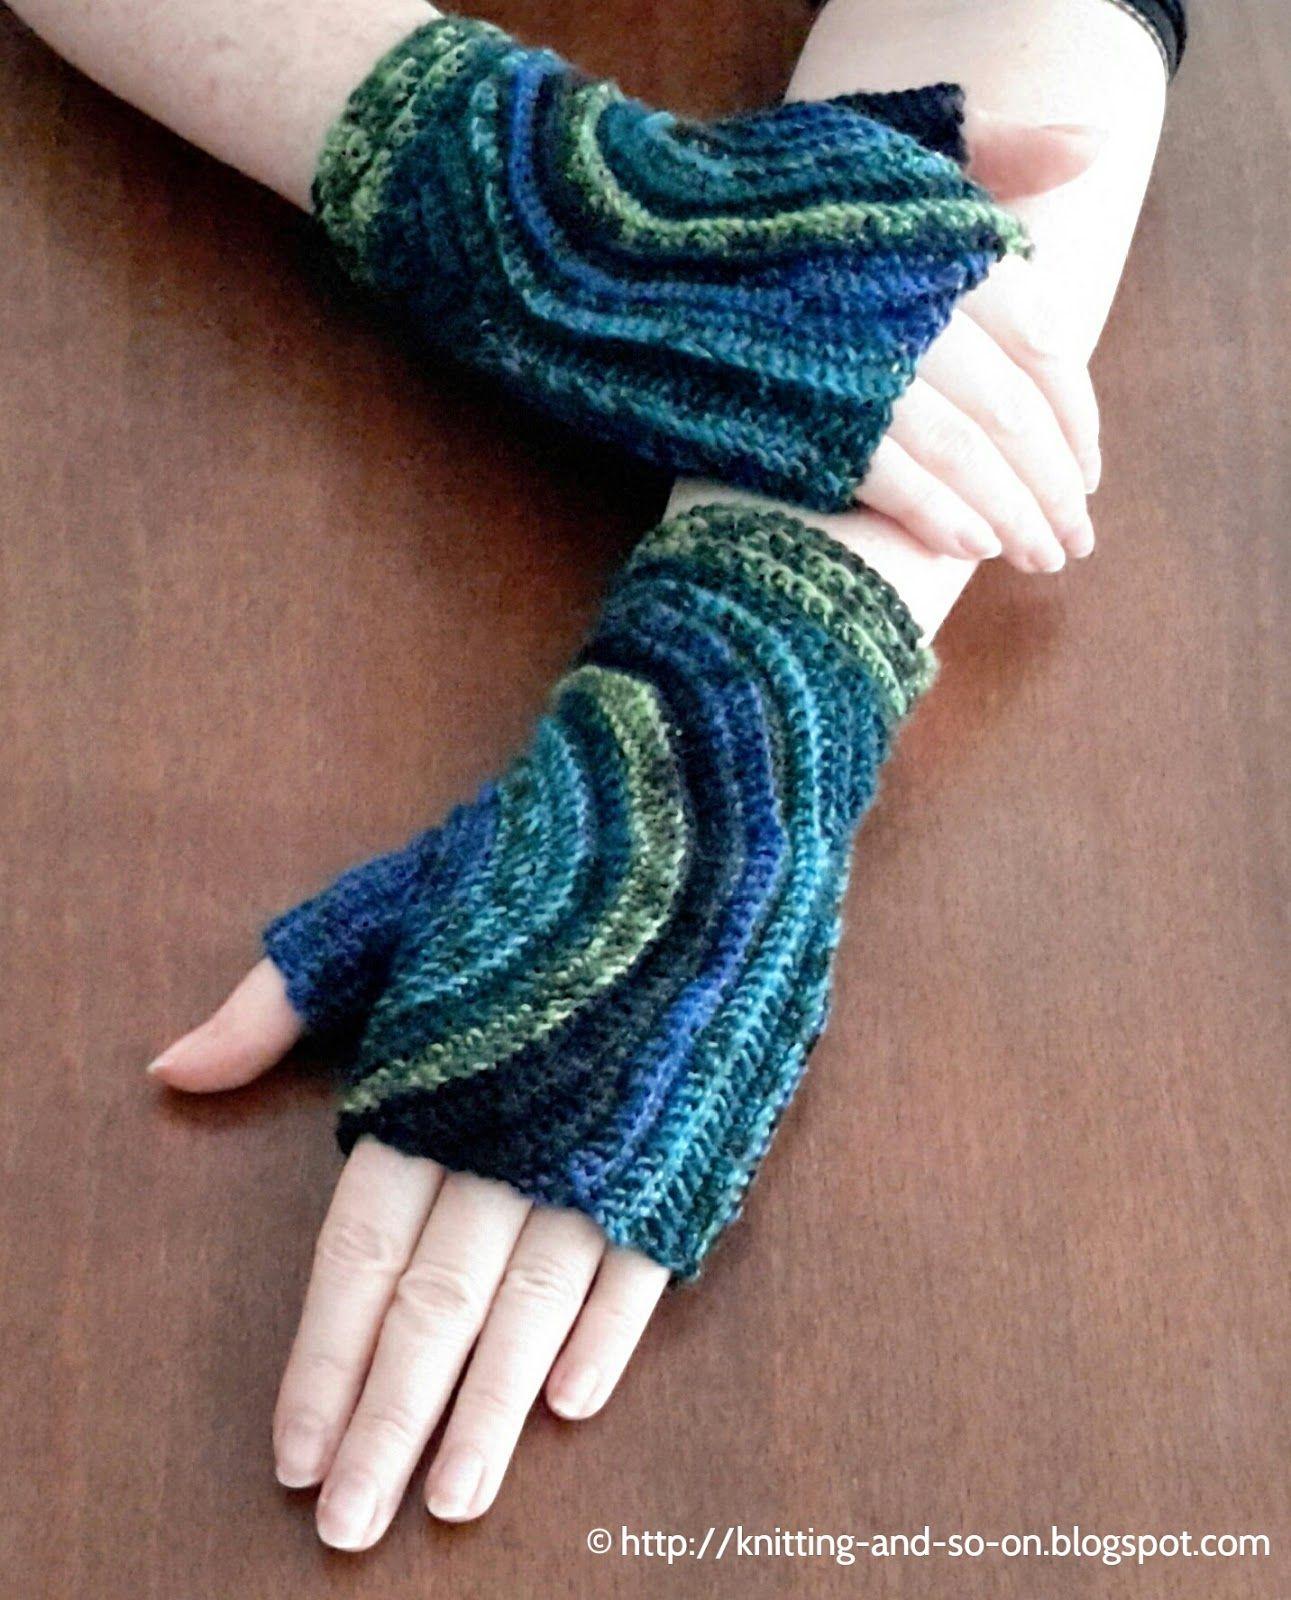 Knitting and so on kreisel fingerless gloves crochet version of crochet pattern free knitting and so on kreisel fingerless gloves crochet version of a knitted fingerless glove bankloansurffo Images